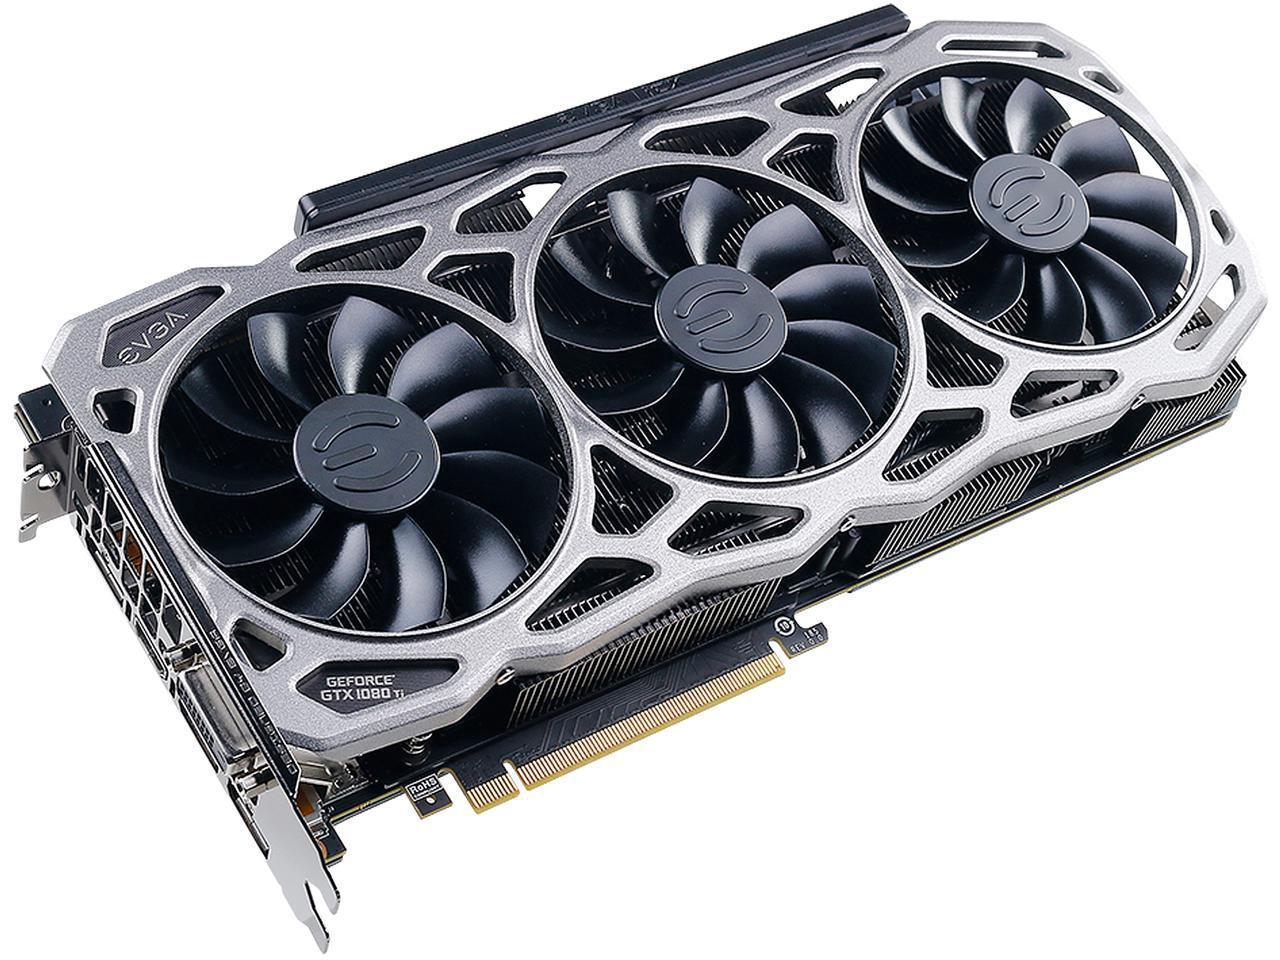 EVGA GeForce GTX 1080 Ti FTW3 DT $669.99